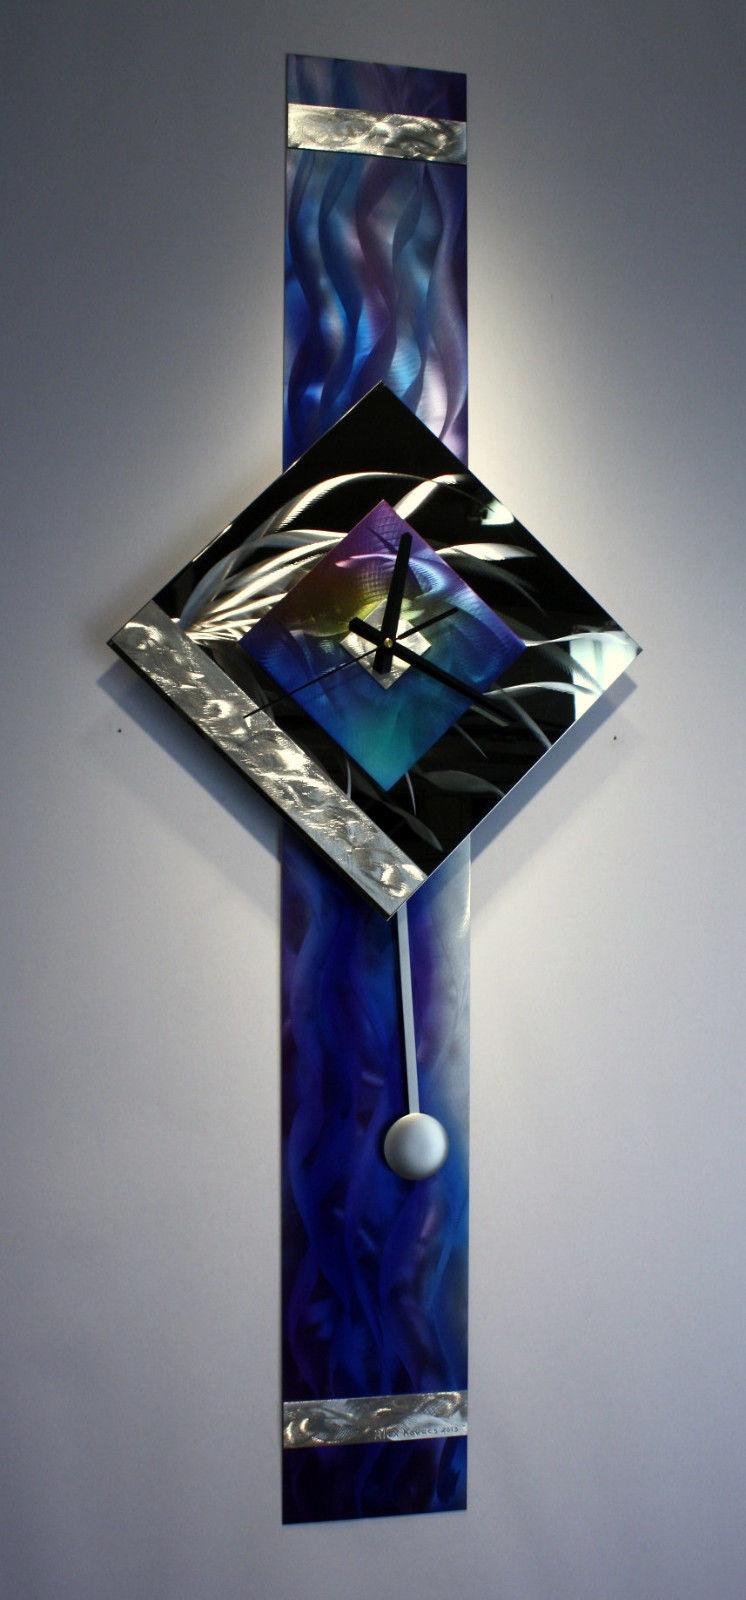 Modern Metal Wall Art Pendulum Clock Abstract Sculpture Decor Abstract Painting Clock On Metal Original Art Design By Alex Kovacs Ak445 Alex Kovacs Metal Art